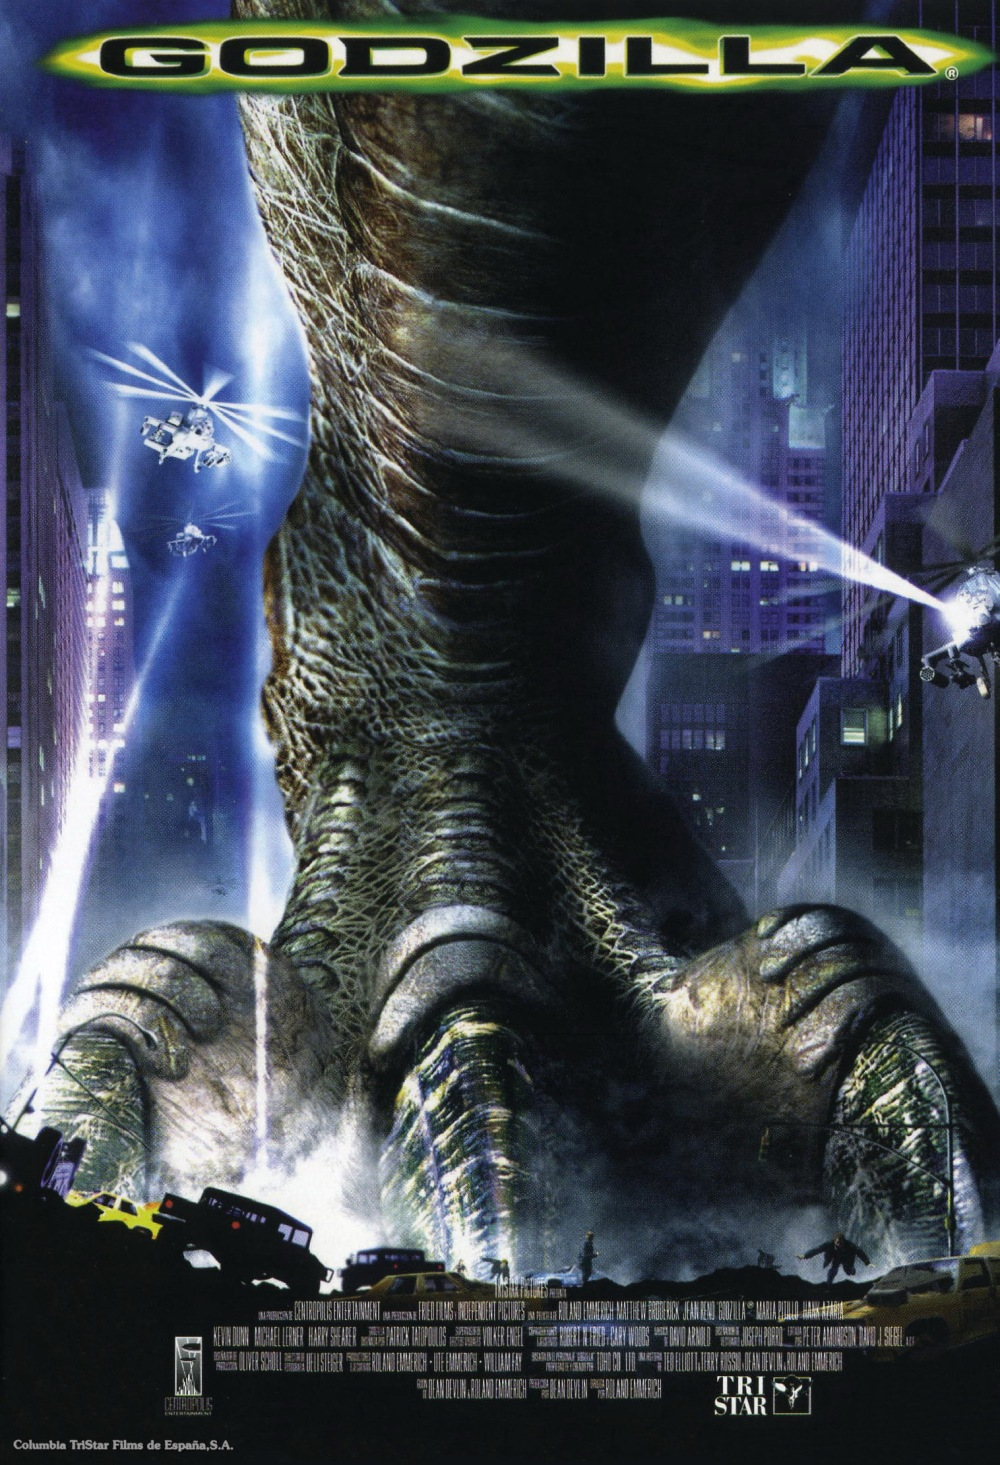 Godzilla_1998